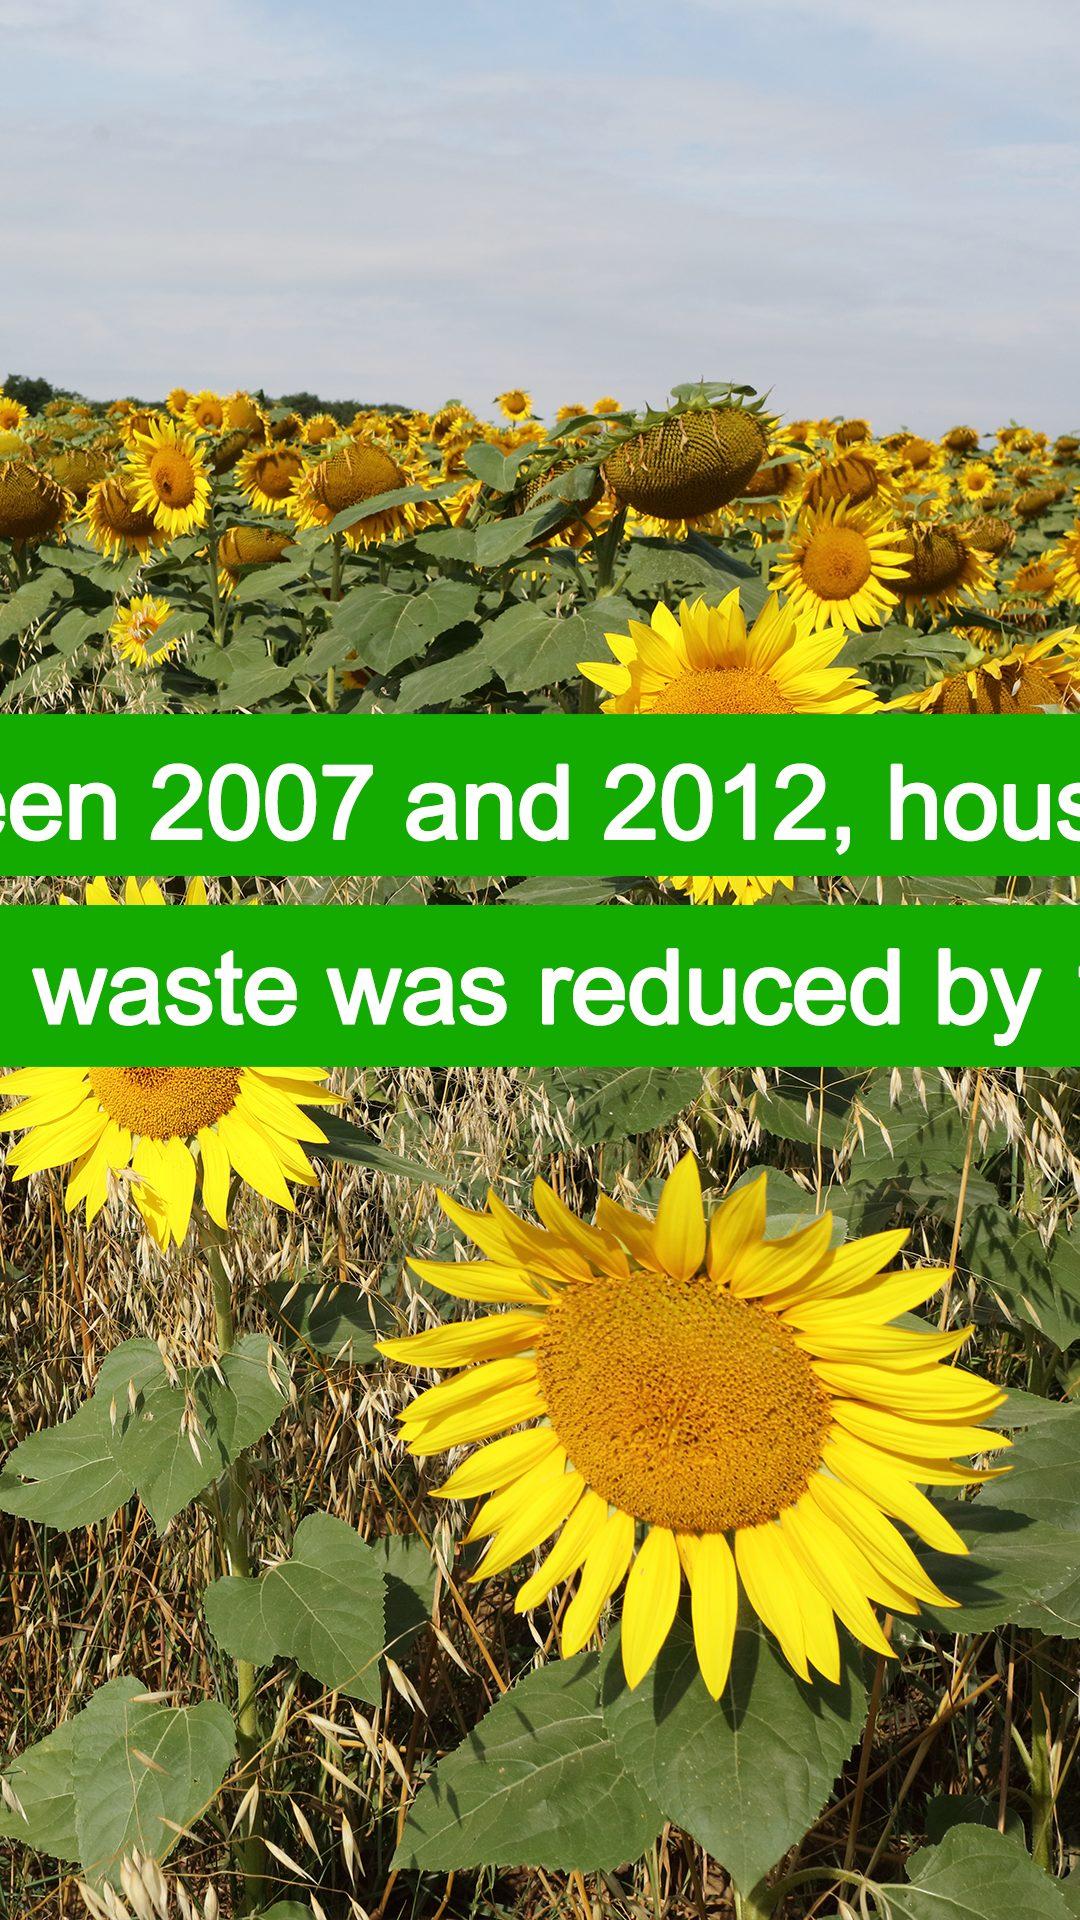 Food waste is decreasing!